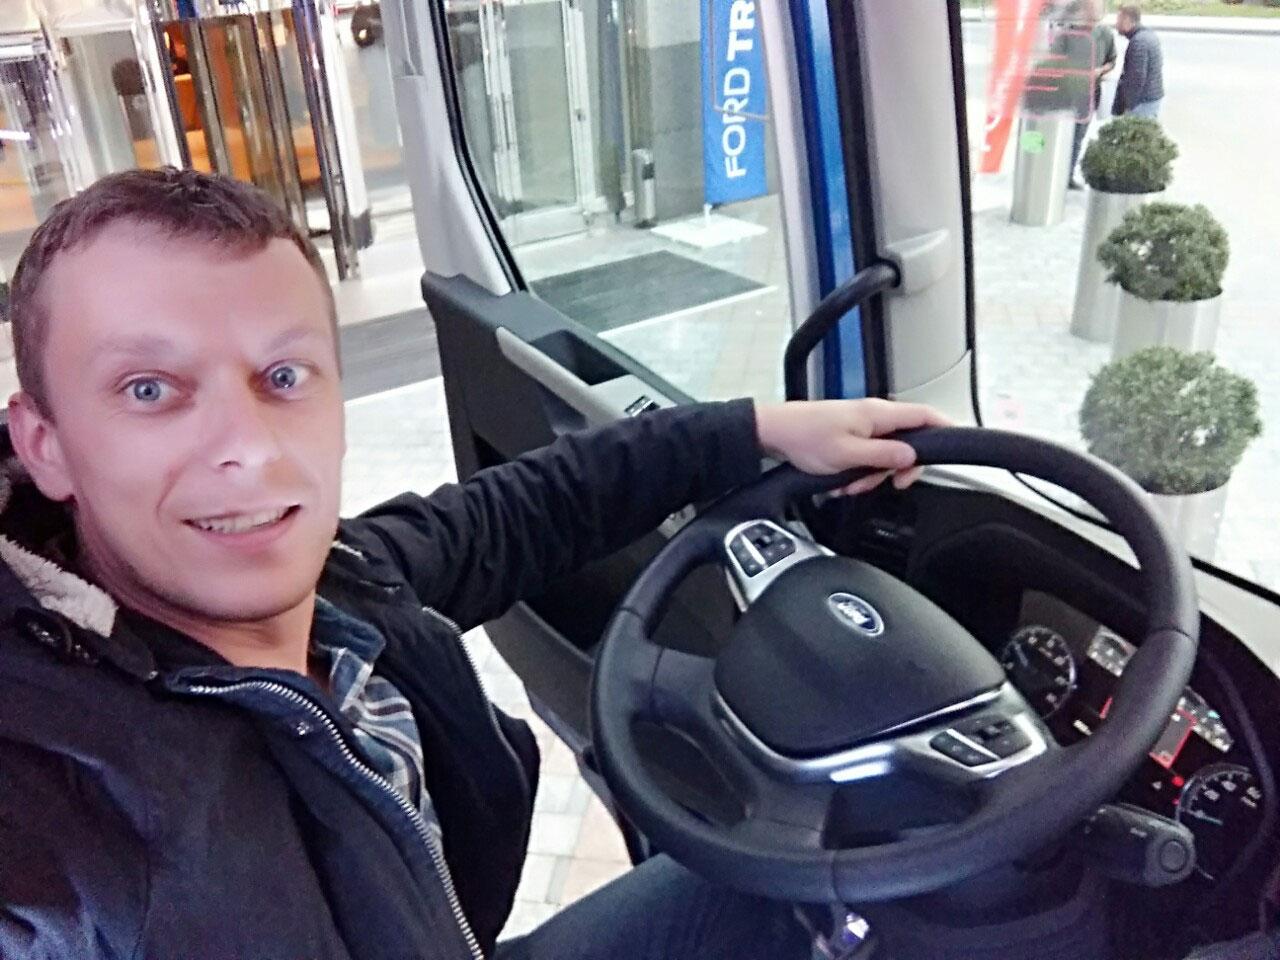 Оборудование для технического сопровождения презентации новых тягачей Ford, услуга или аренда. Киев, Украина. Компания Эквиптайм